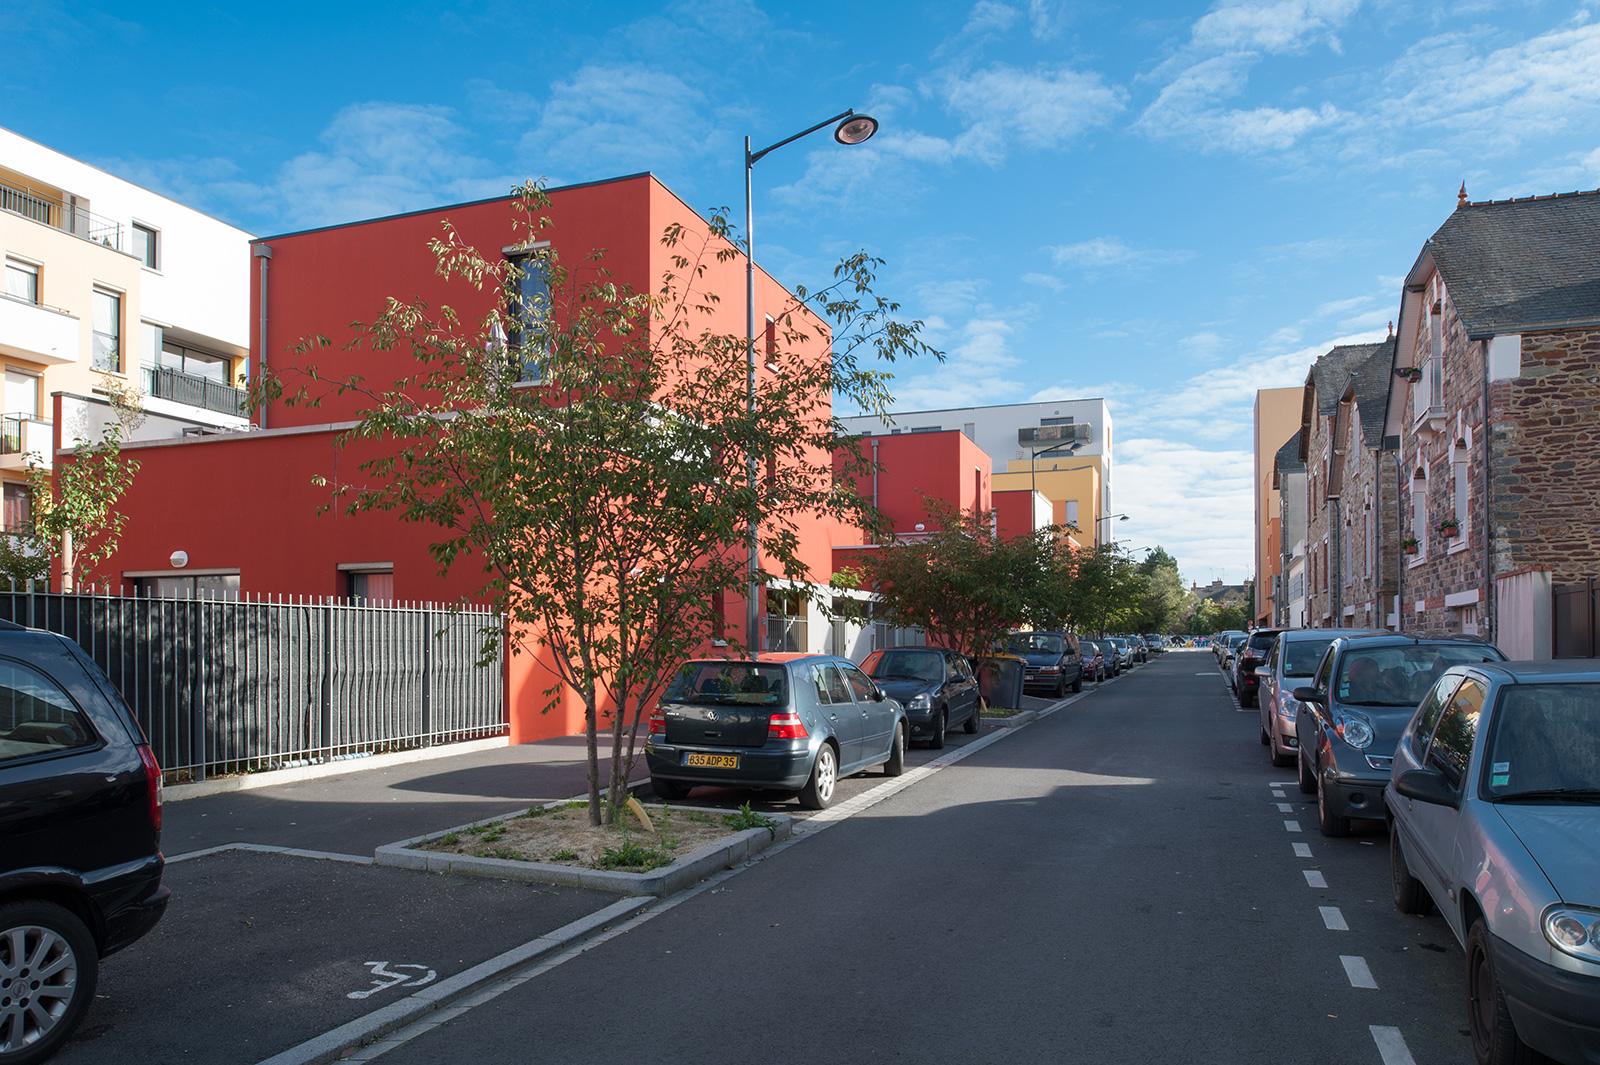 Architectes : Dunet (gauche), Cornu (arrière plan gauche), germe&JAM (arrière plan droite)